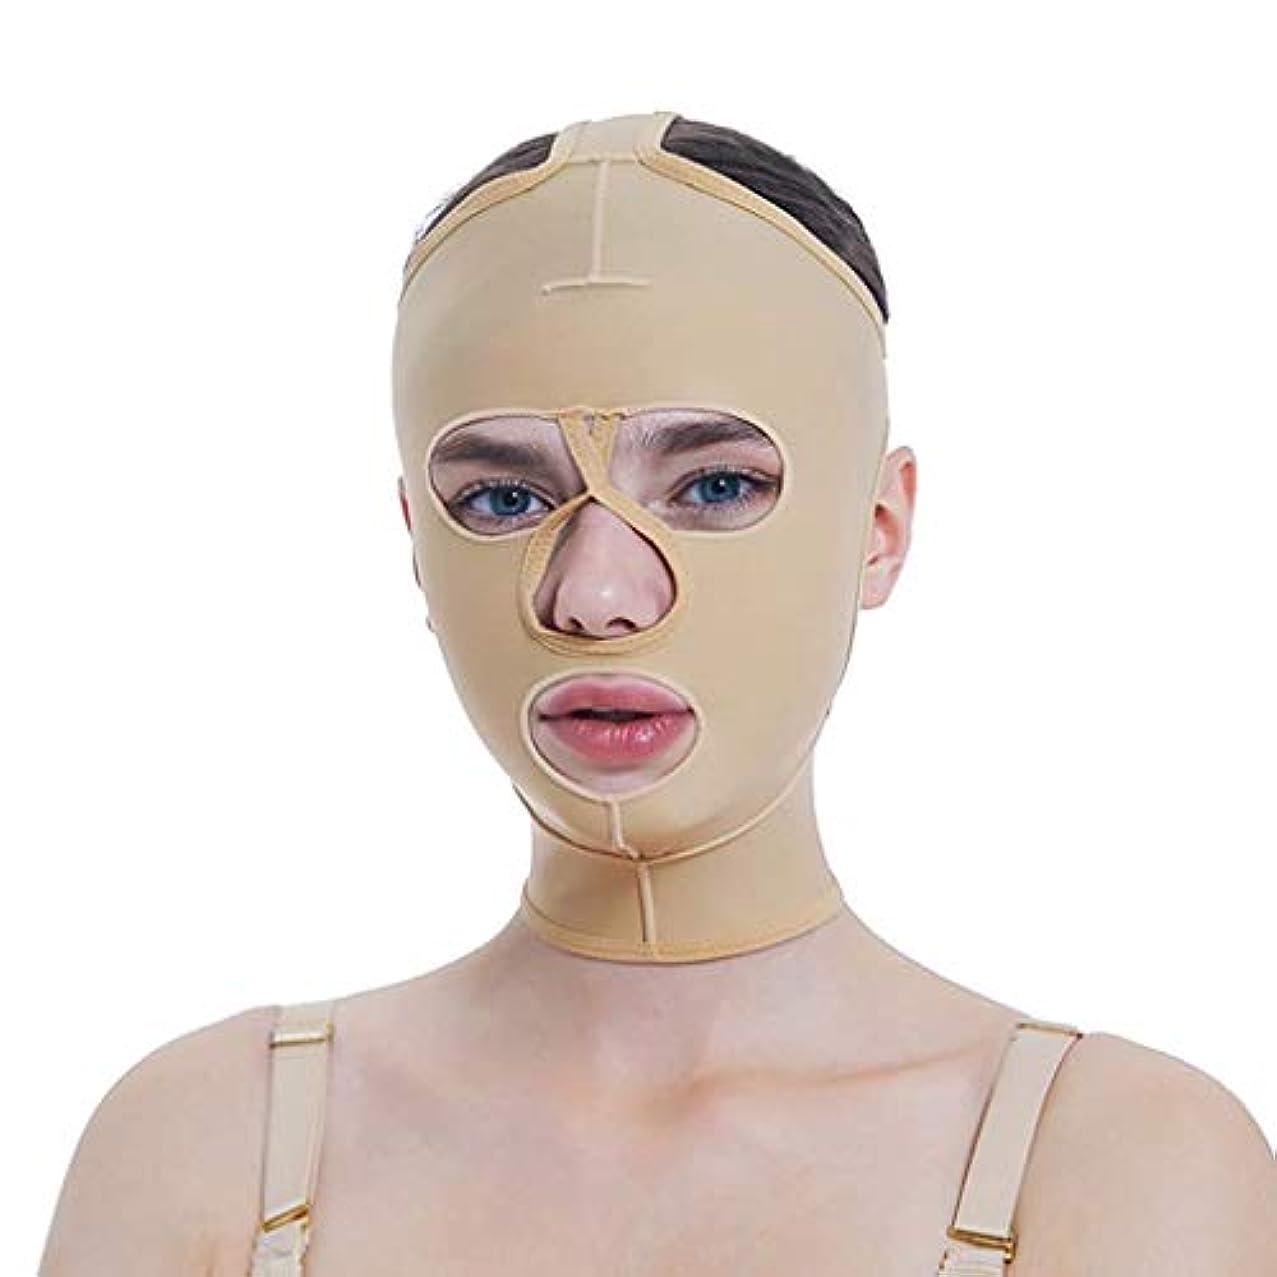 望まない株式会社お別れ脂肪吸引術用成形マスク、薄手かつらVフェイスビームフェイス弾性スリーブマルチサイズオプション(サイズ:S)